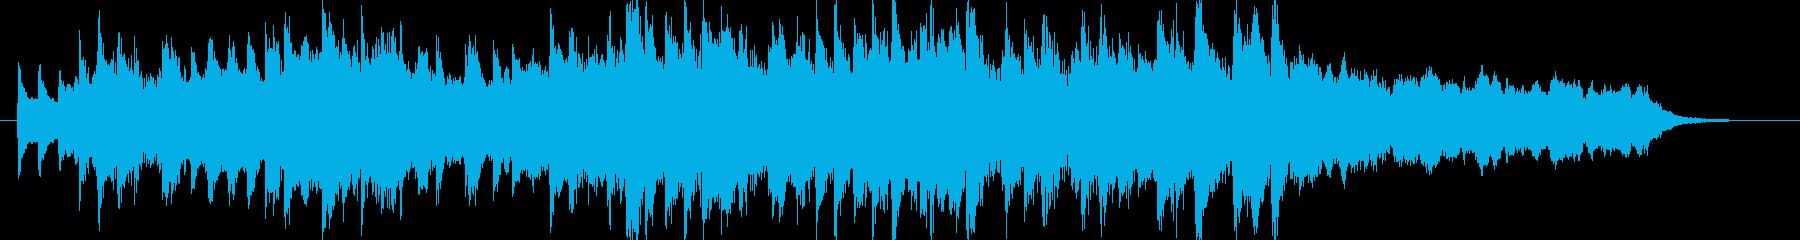 琴の音色をメインとした和風ジングルの再生済みの波形